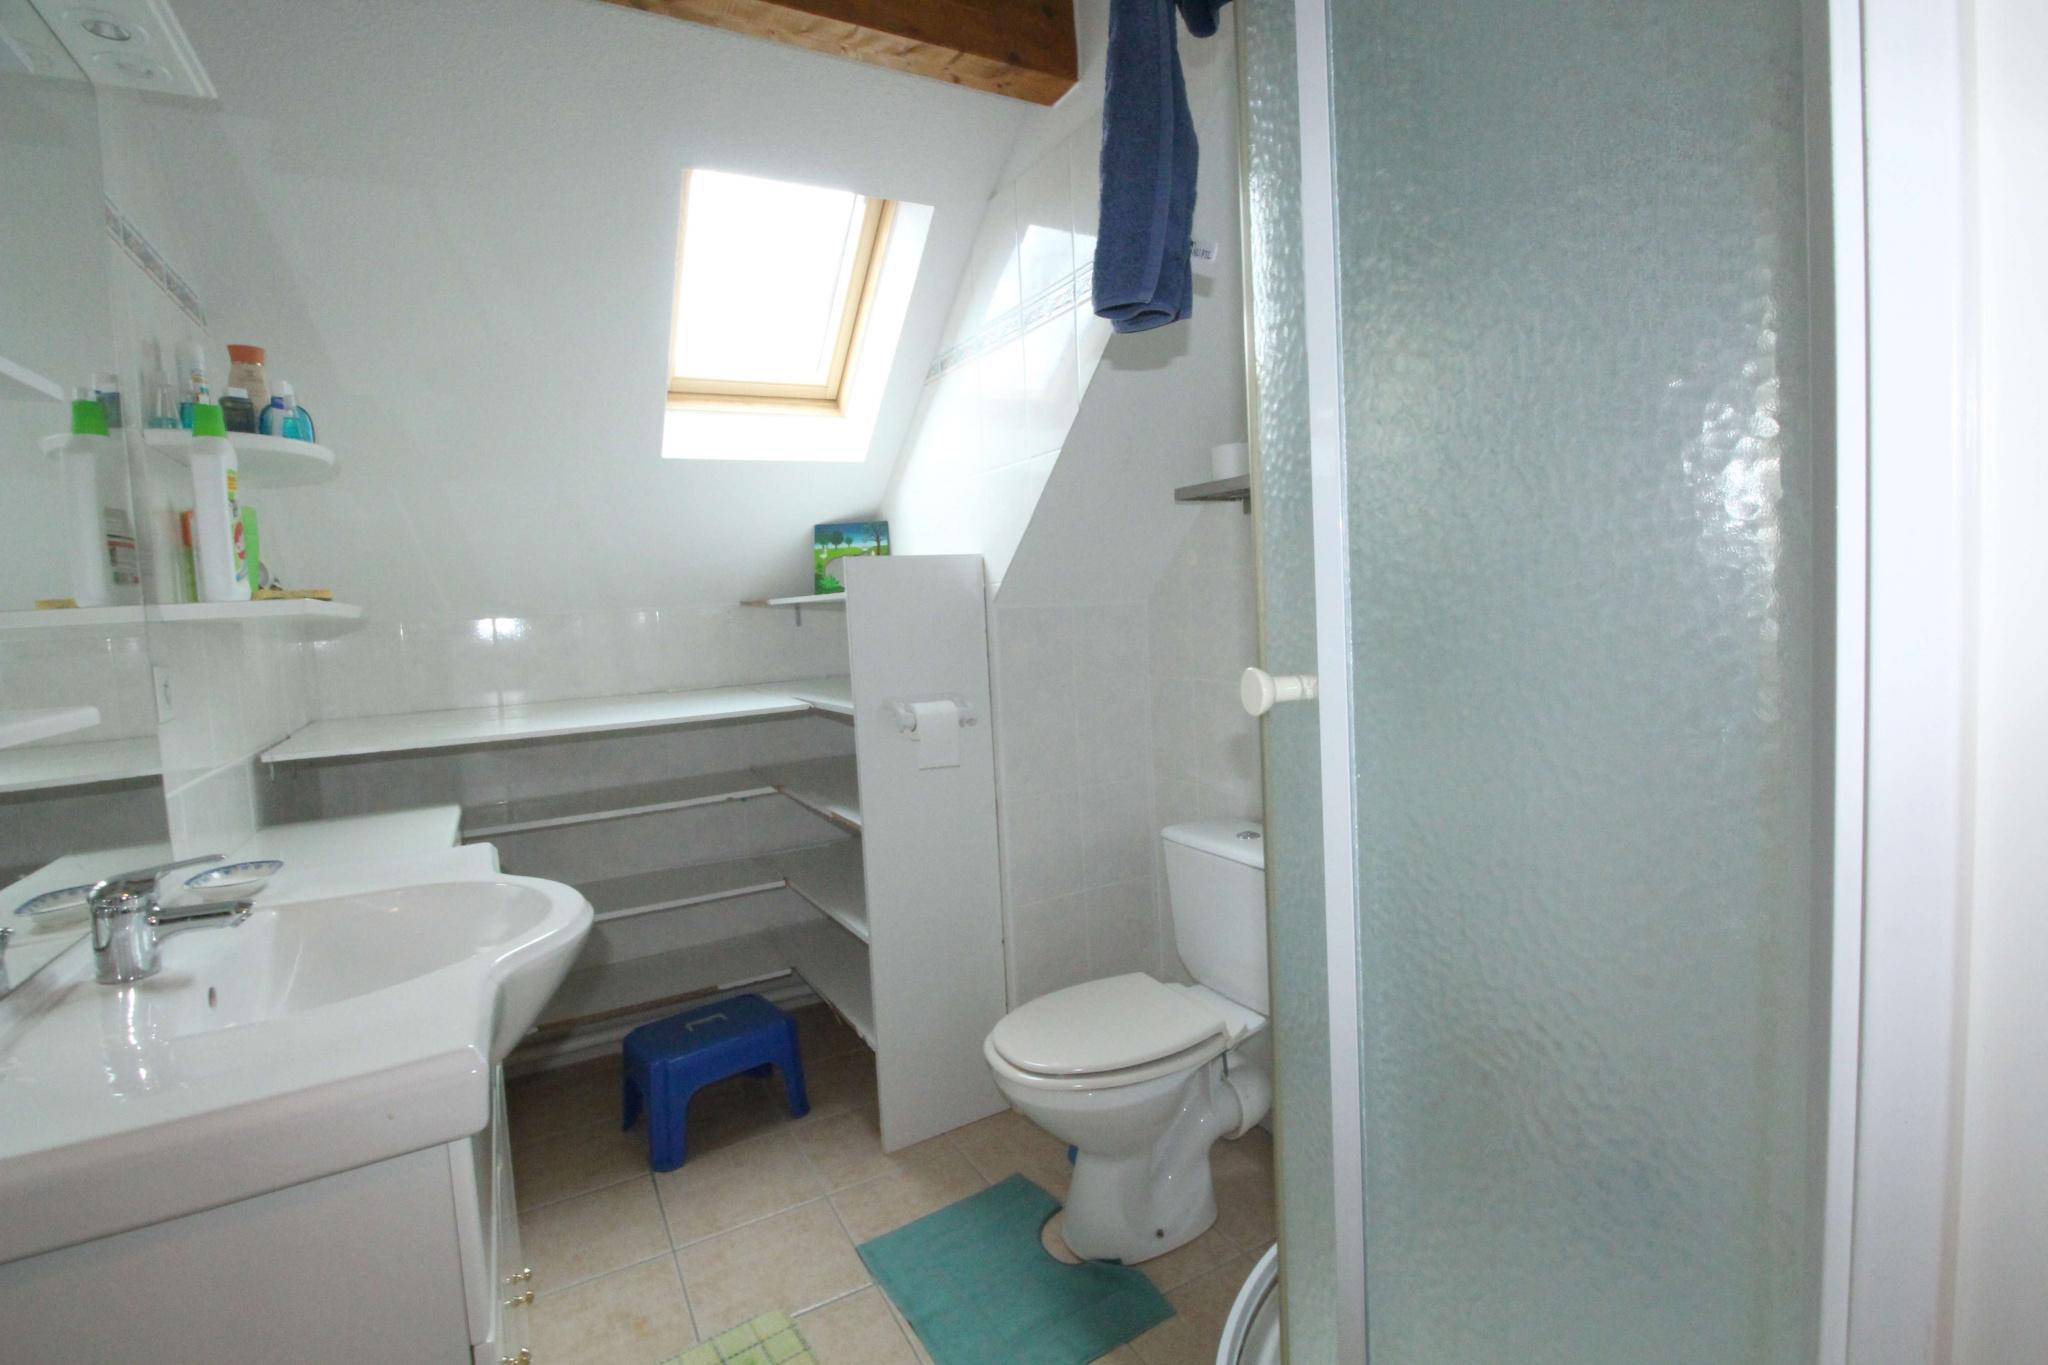 appartement 3 pièce(s) - Proche luchon (- de 10 kms)